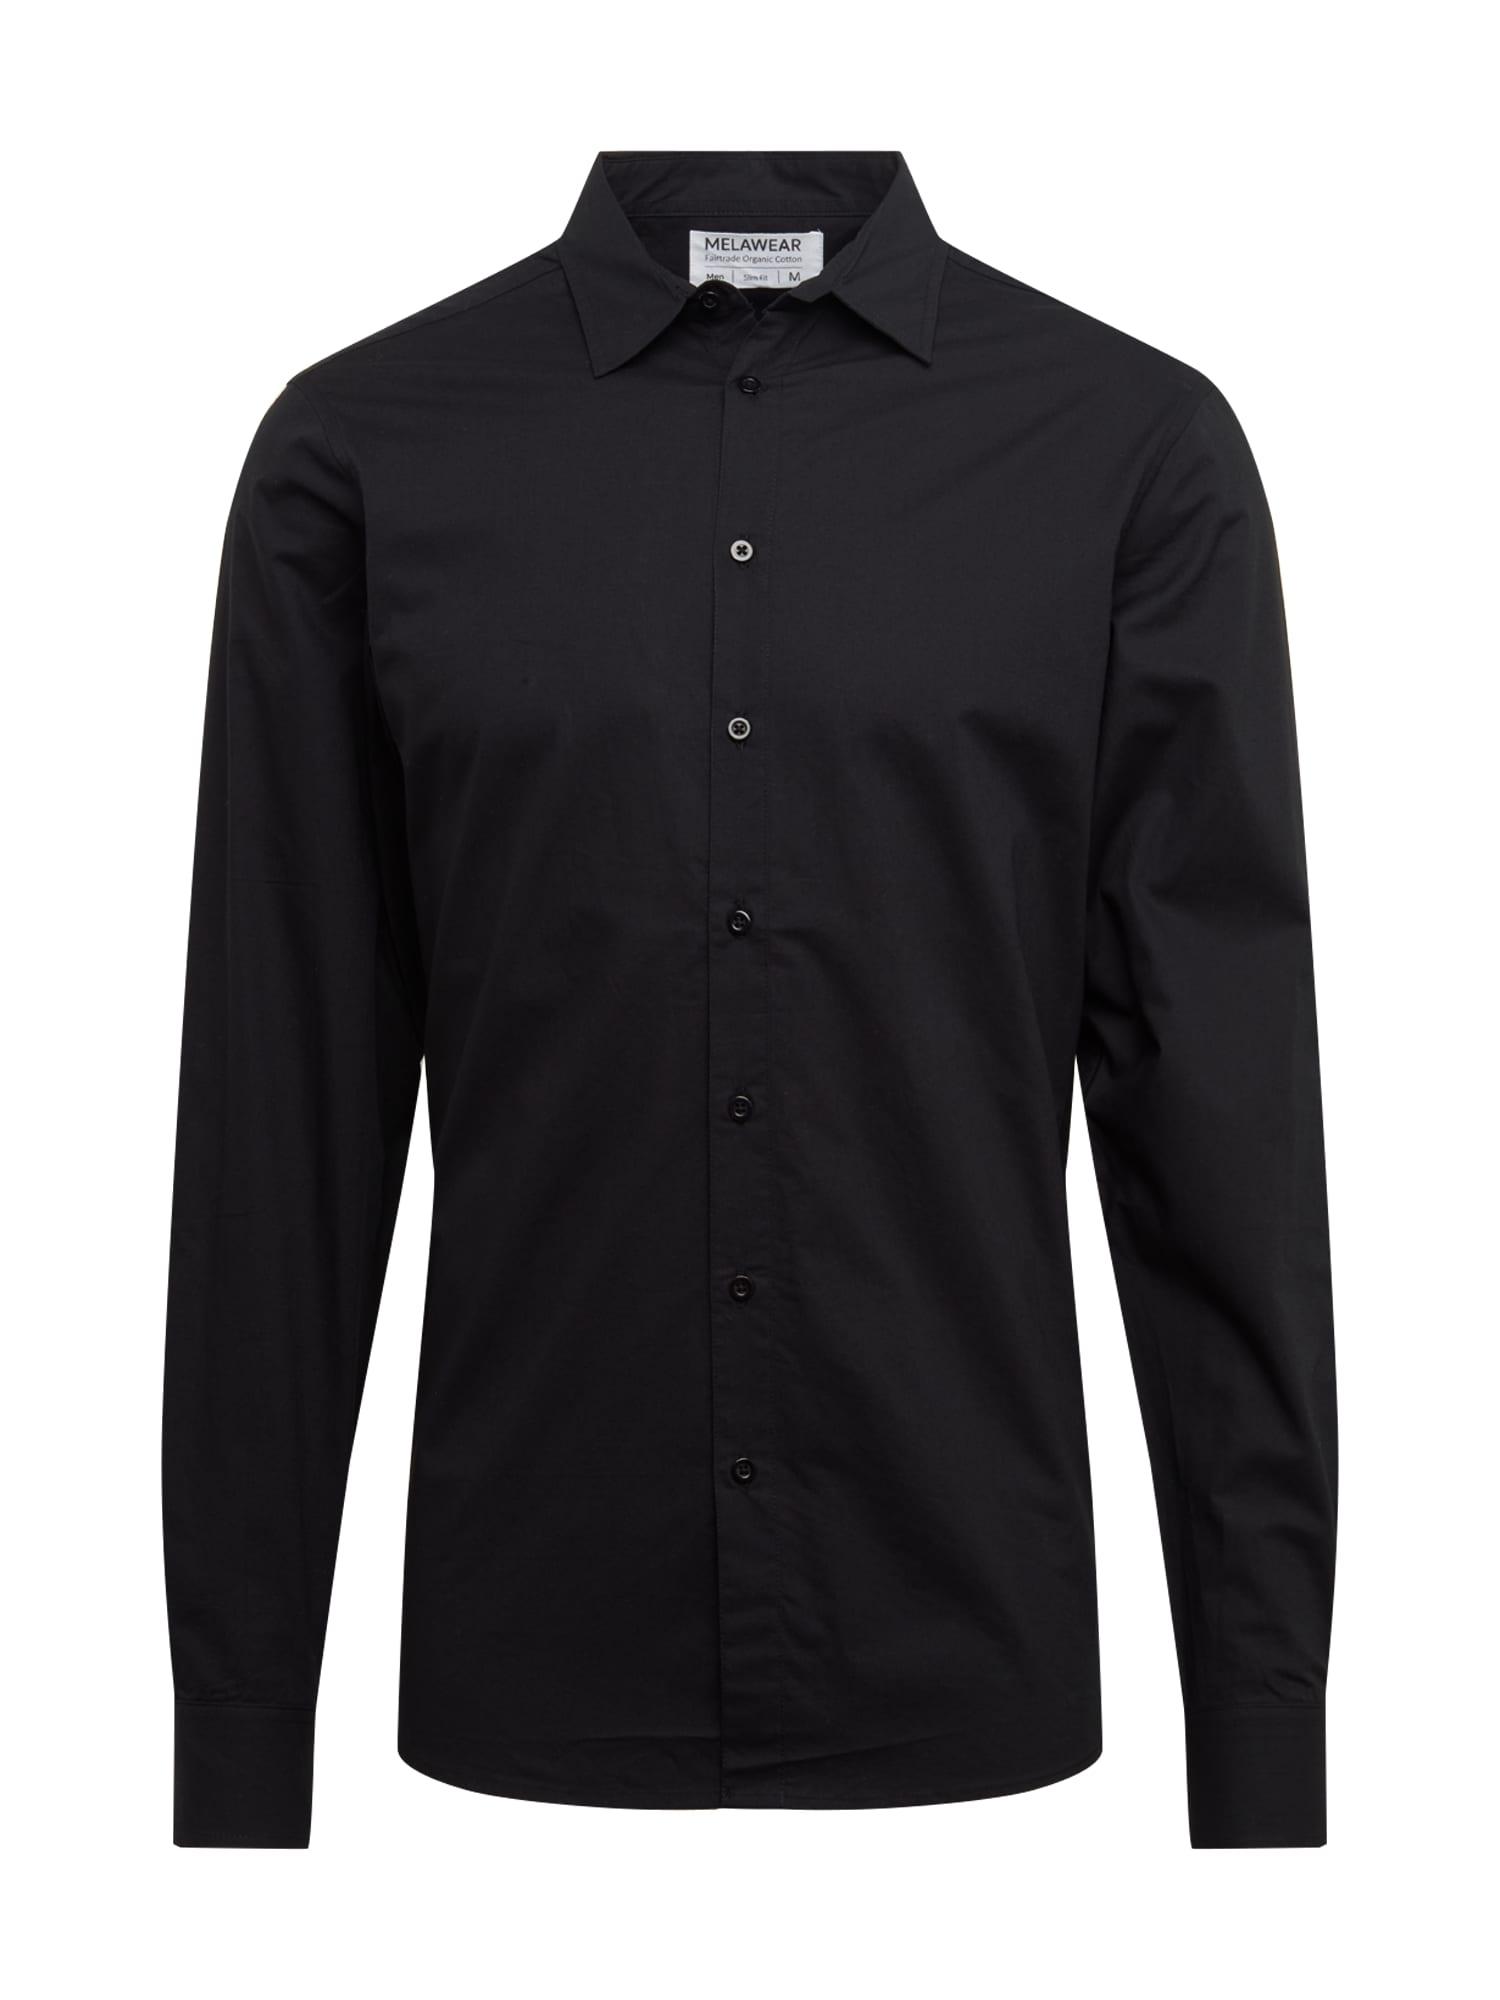 MELAWEAR Dalykinio stiliaus marškiniai juoda